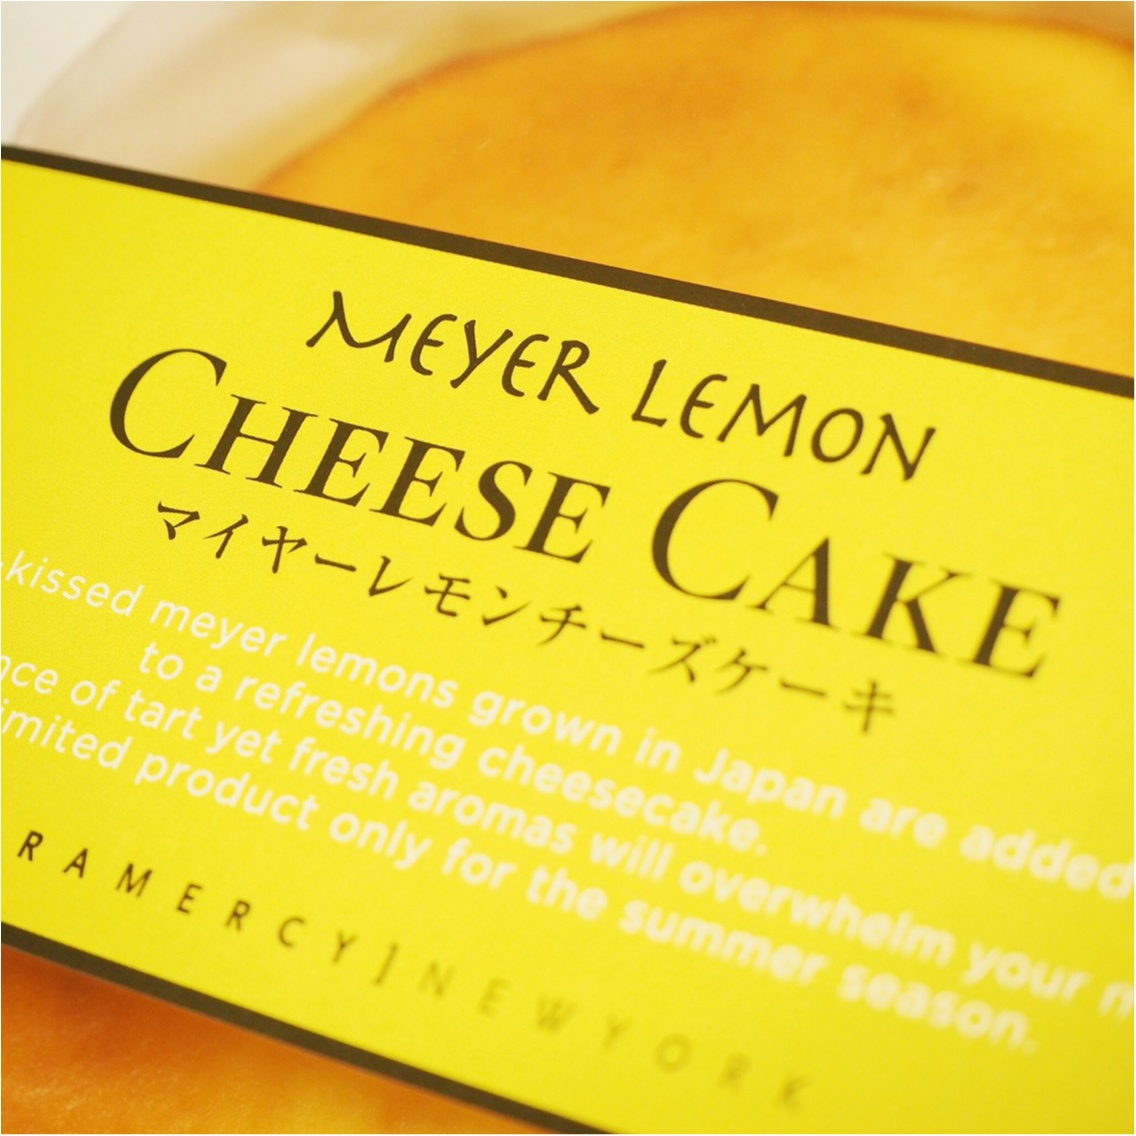 グラマシーニューヨークの期間限定チーズケーキ、もう食べた?_2